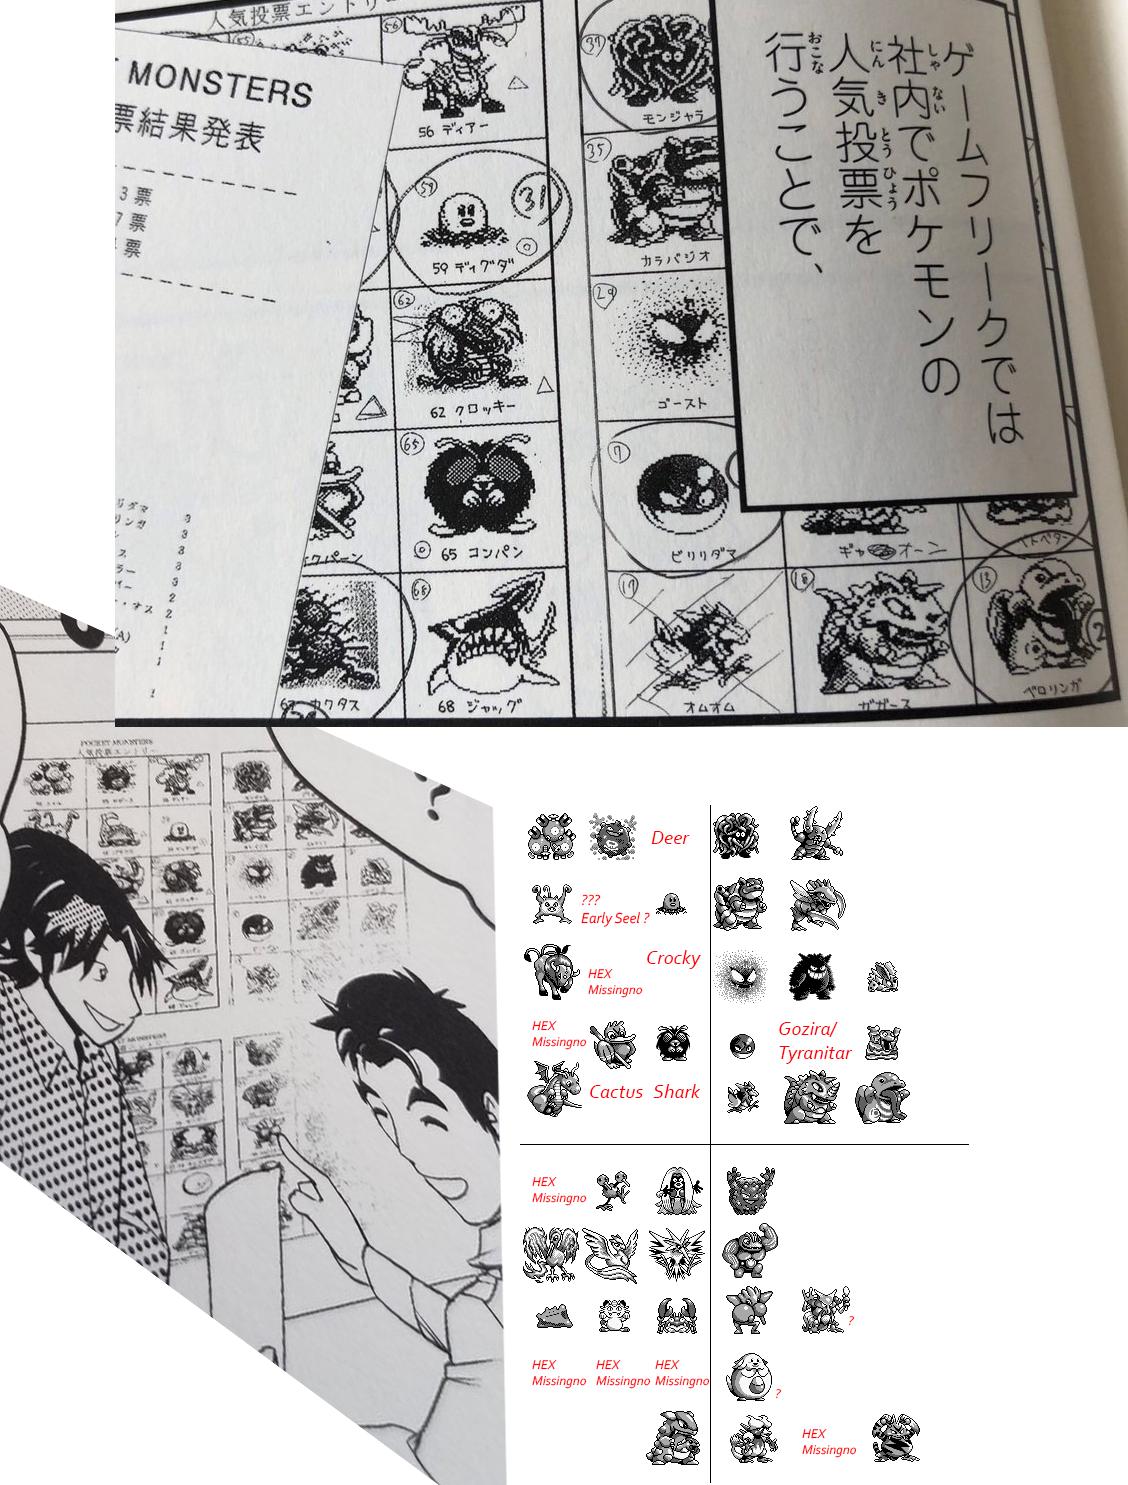 UPDATE : More unused Pokémon can be seen in the Satoshi Tajiri manga ...